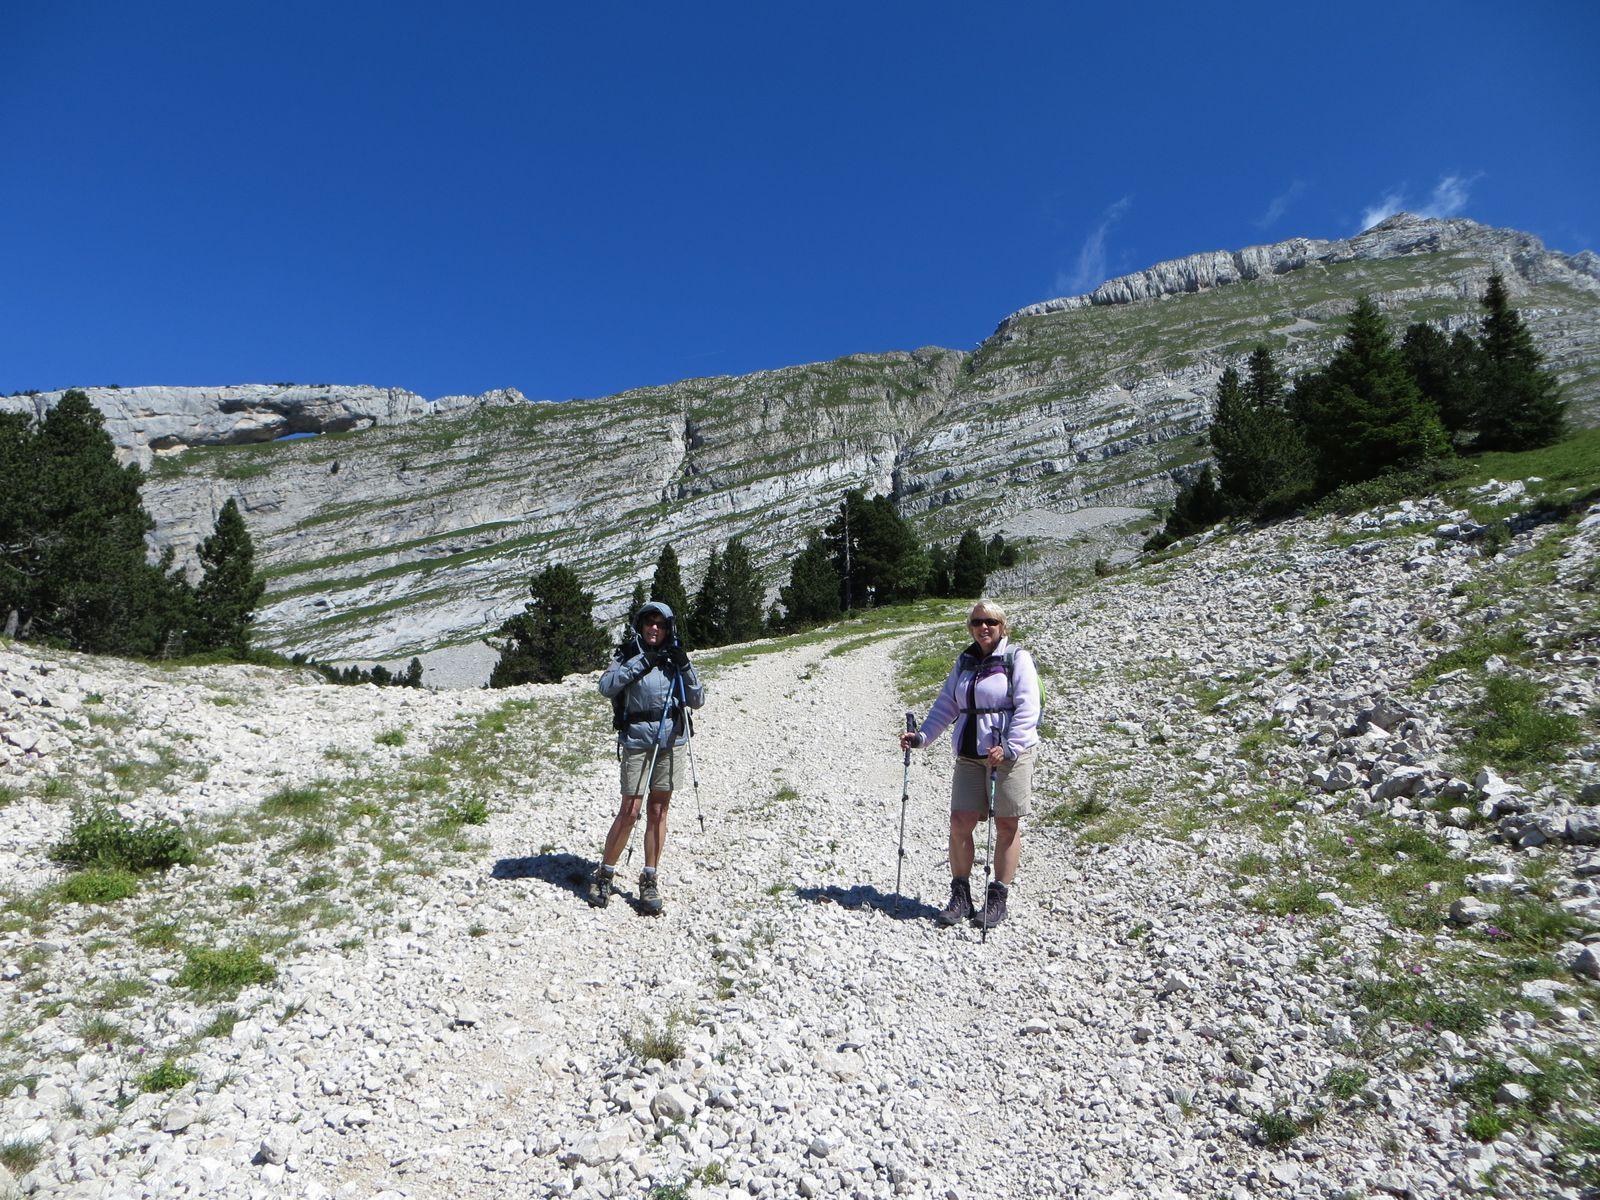 Randonnée Montagne - Petite Moucherolle (Vercors)